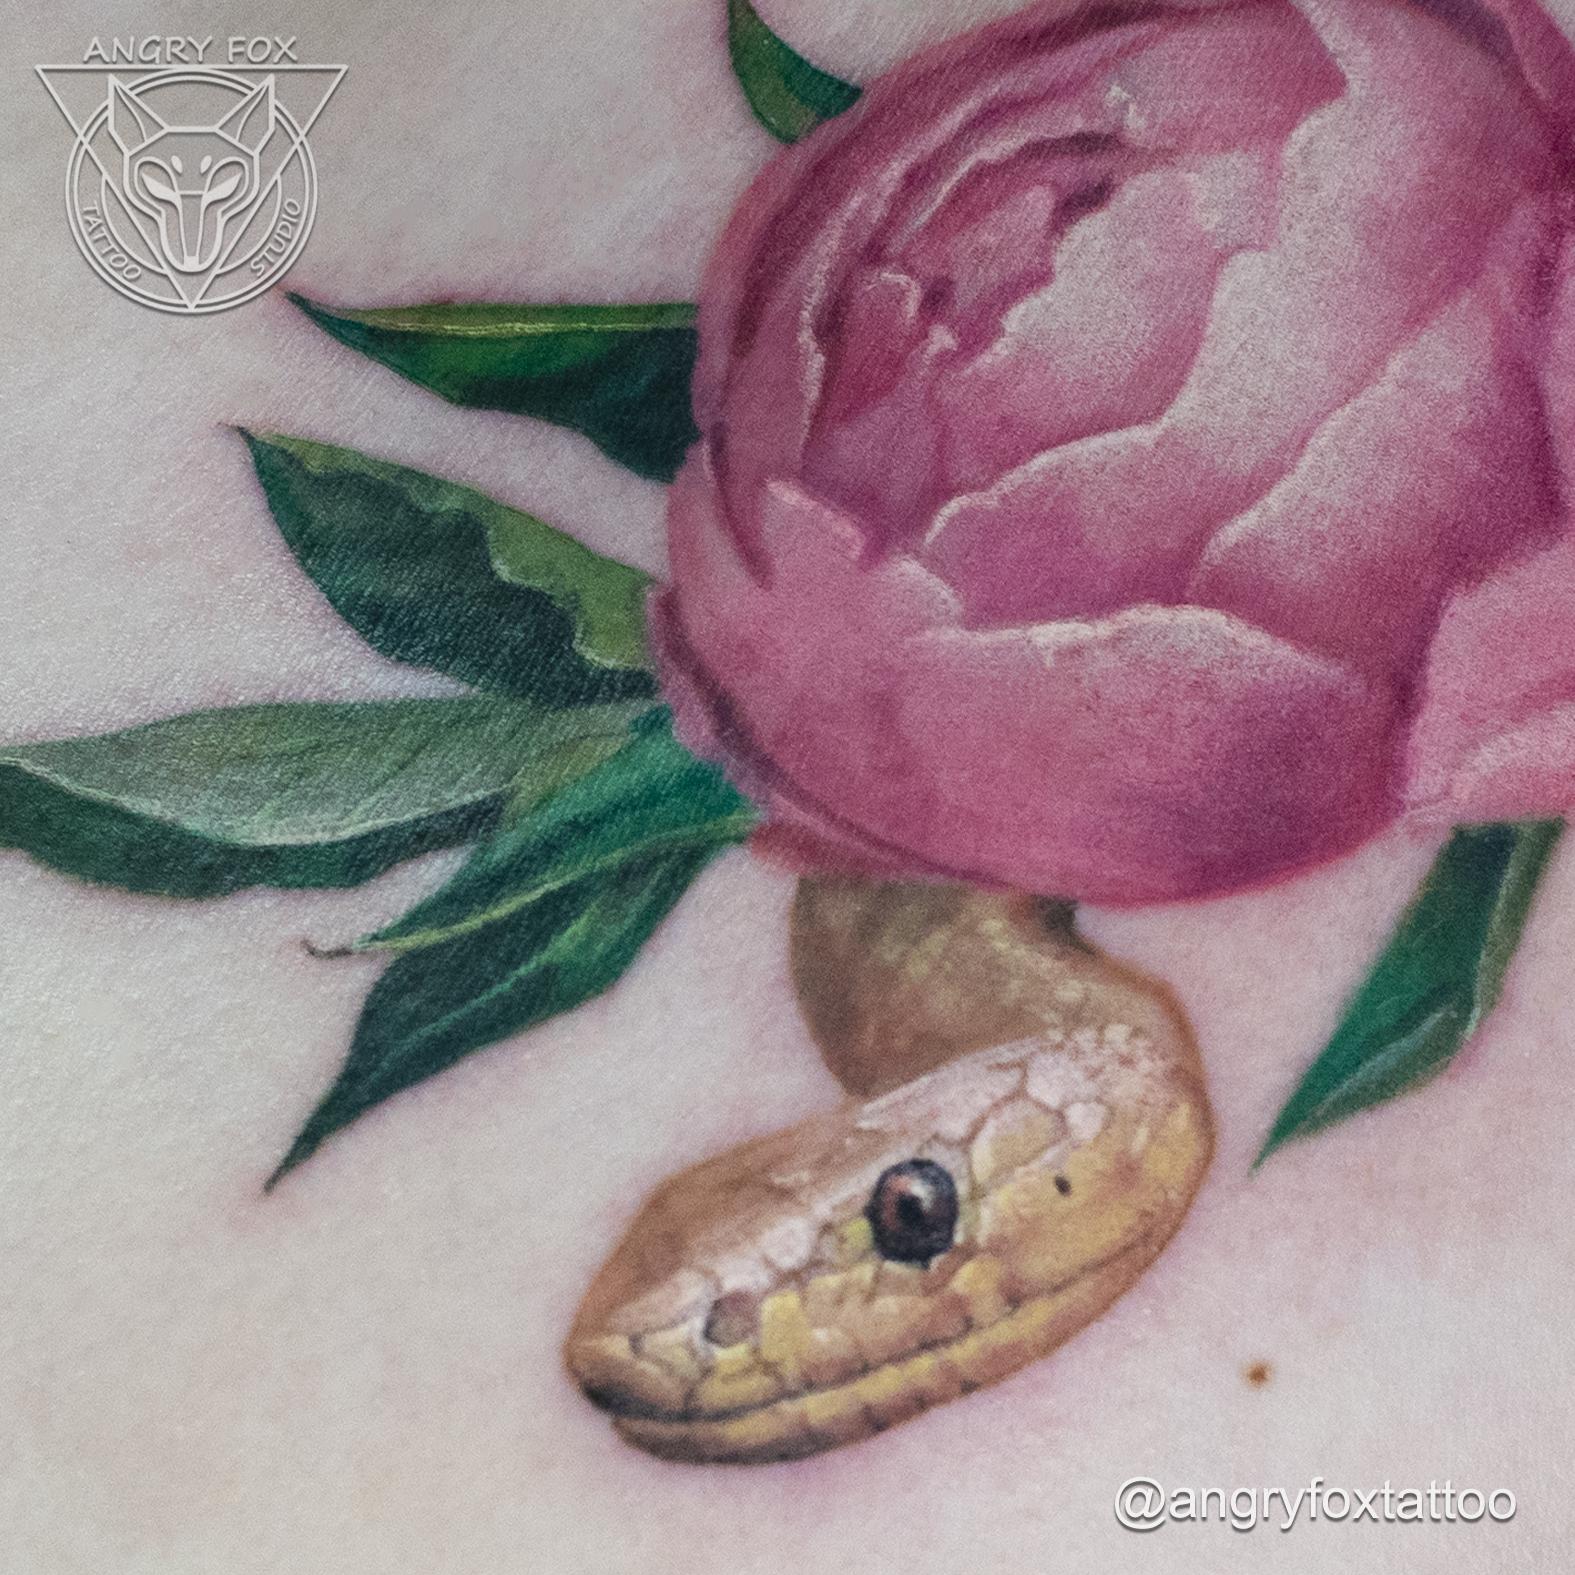 Татуировка, тату, девушка, плечо, ключица, роза, цветок, листья, змеяТатуировка, тату, девушка, плечо, ключица, роза, цветок, листья, змея, реализм